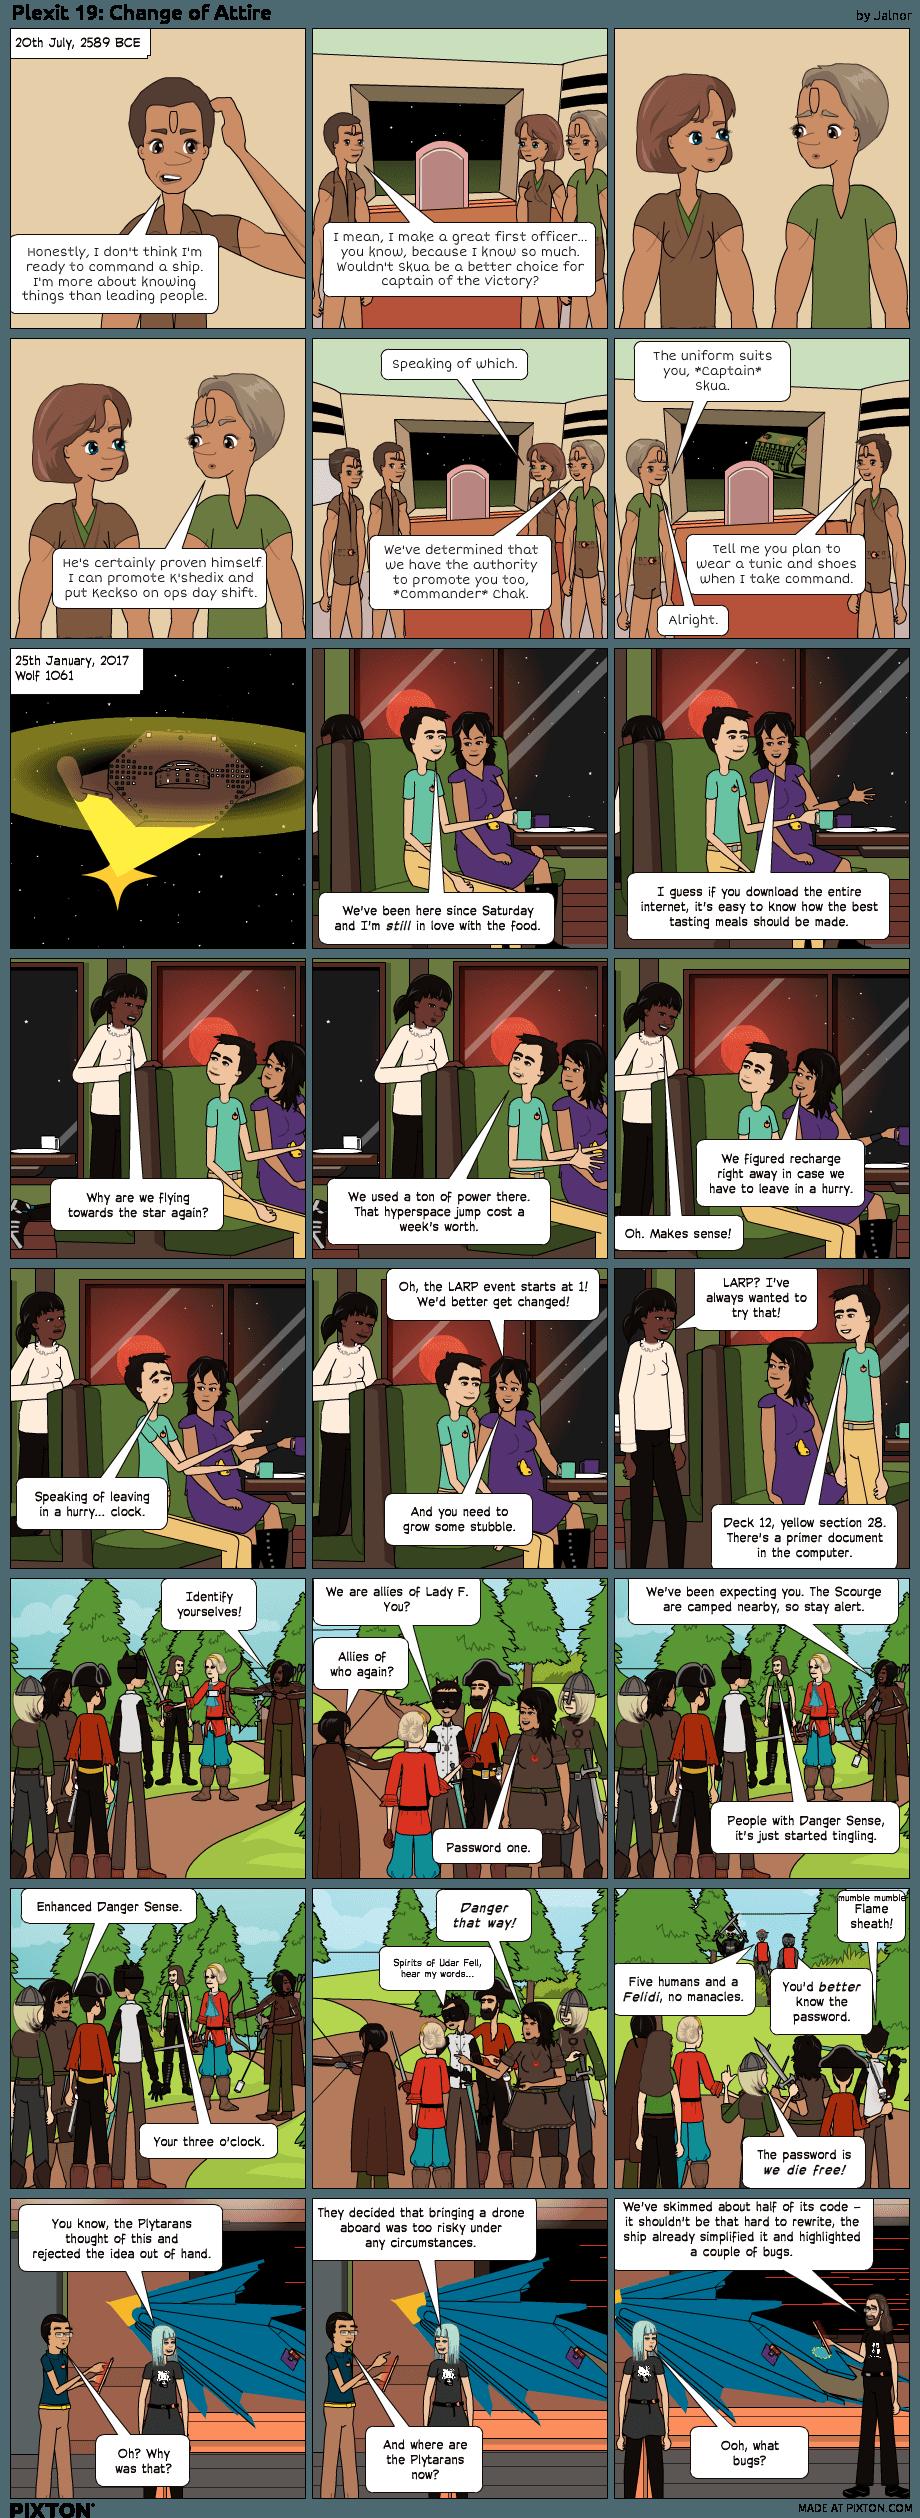 1x19: Change of Attire